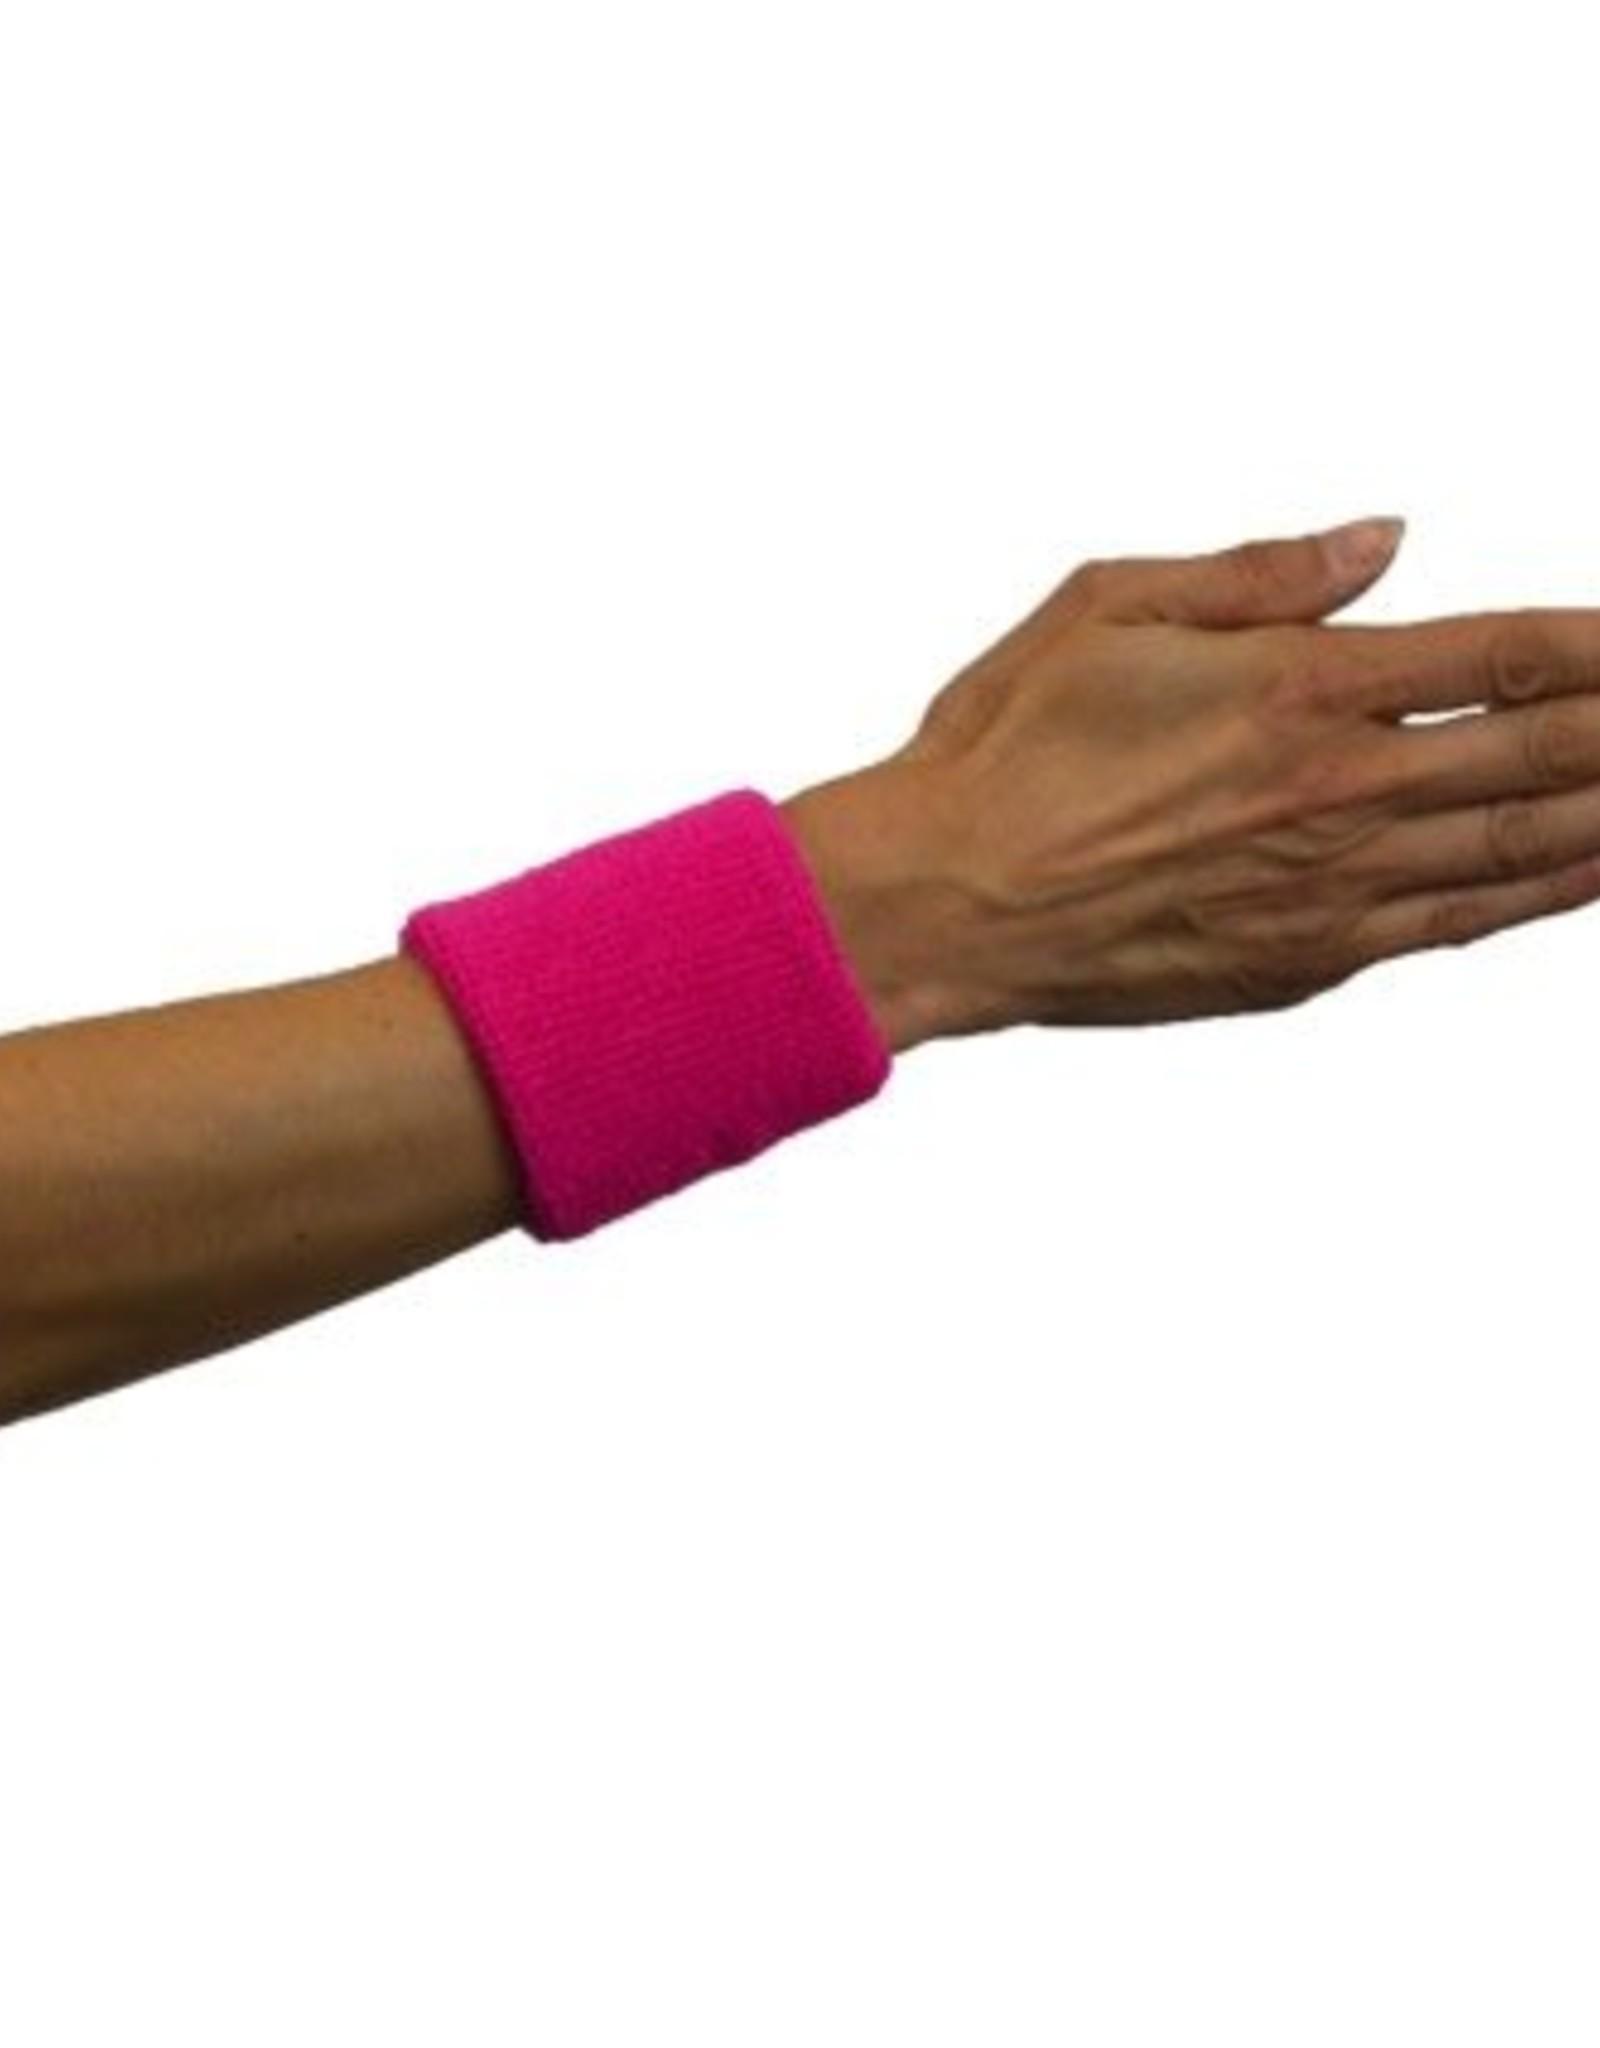 WITBAARD Polsbanden diverse kleuren